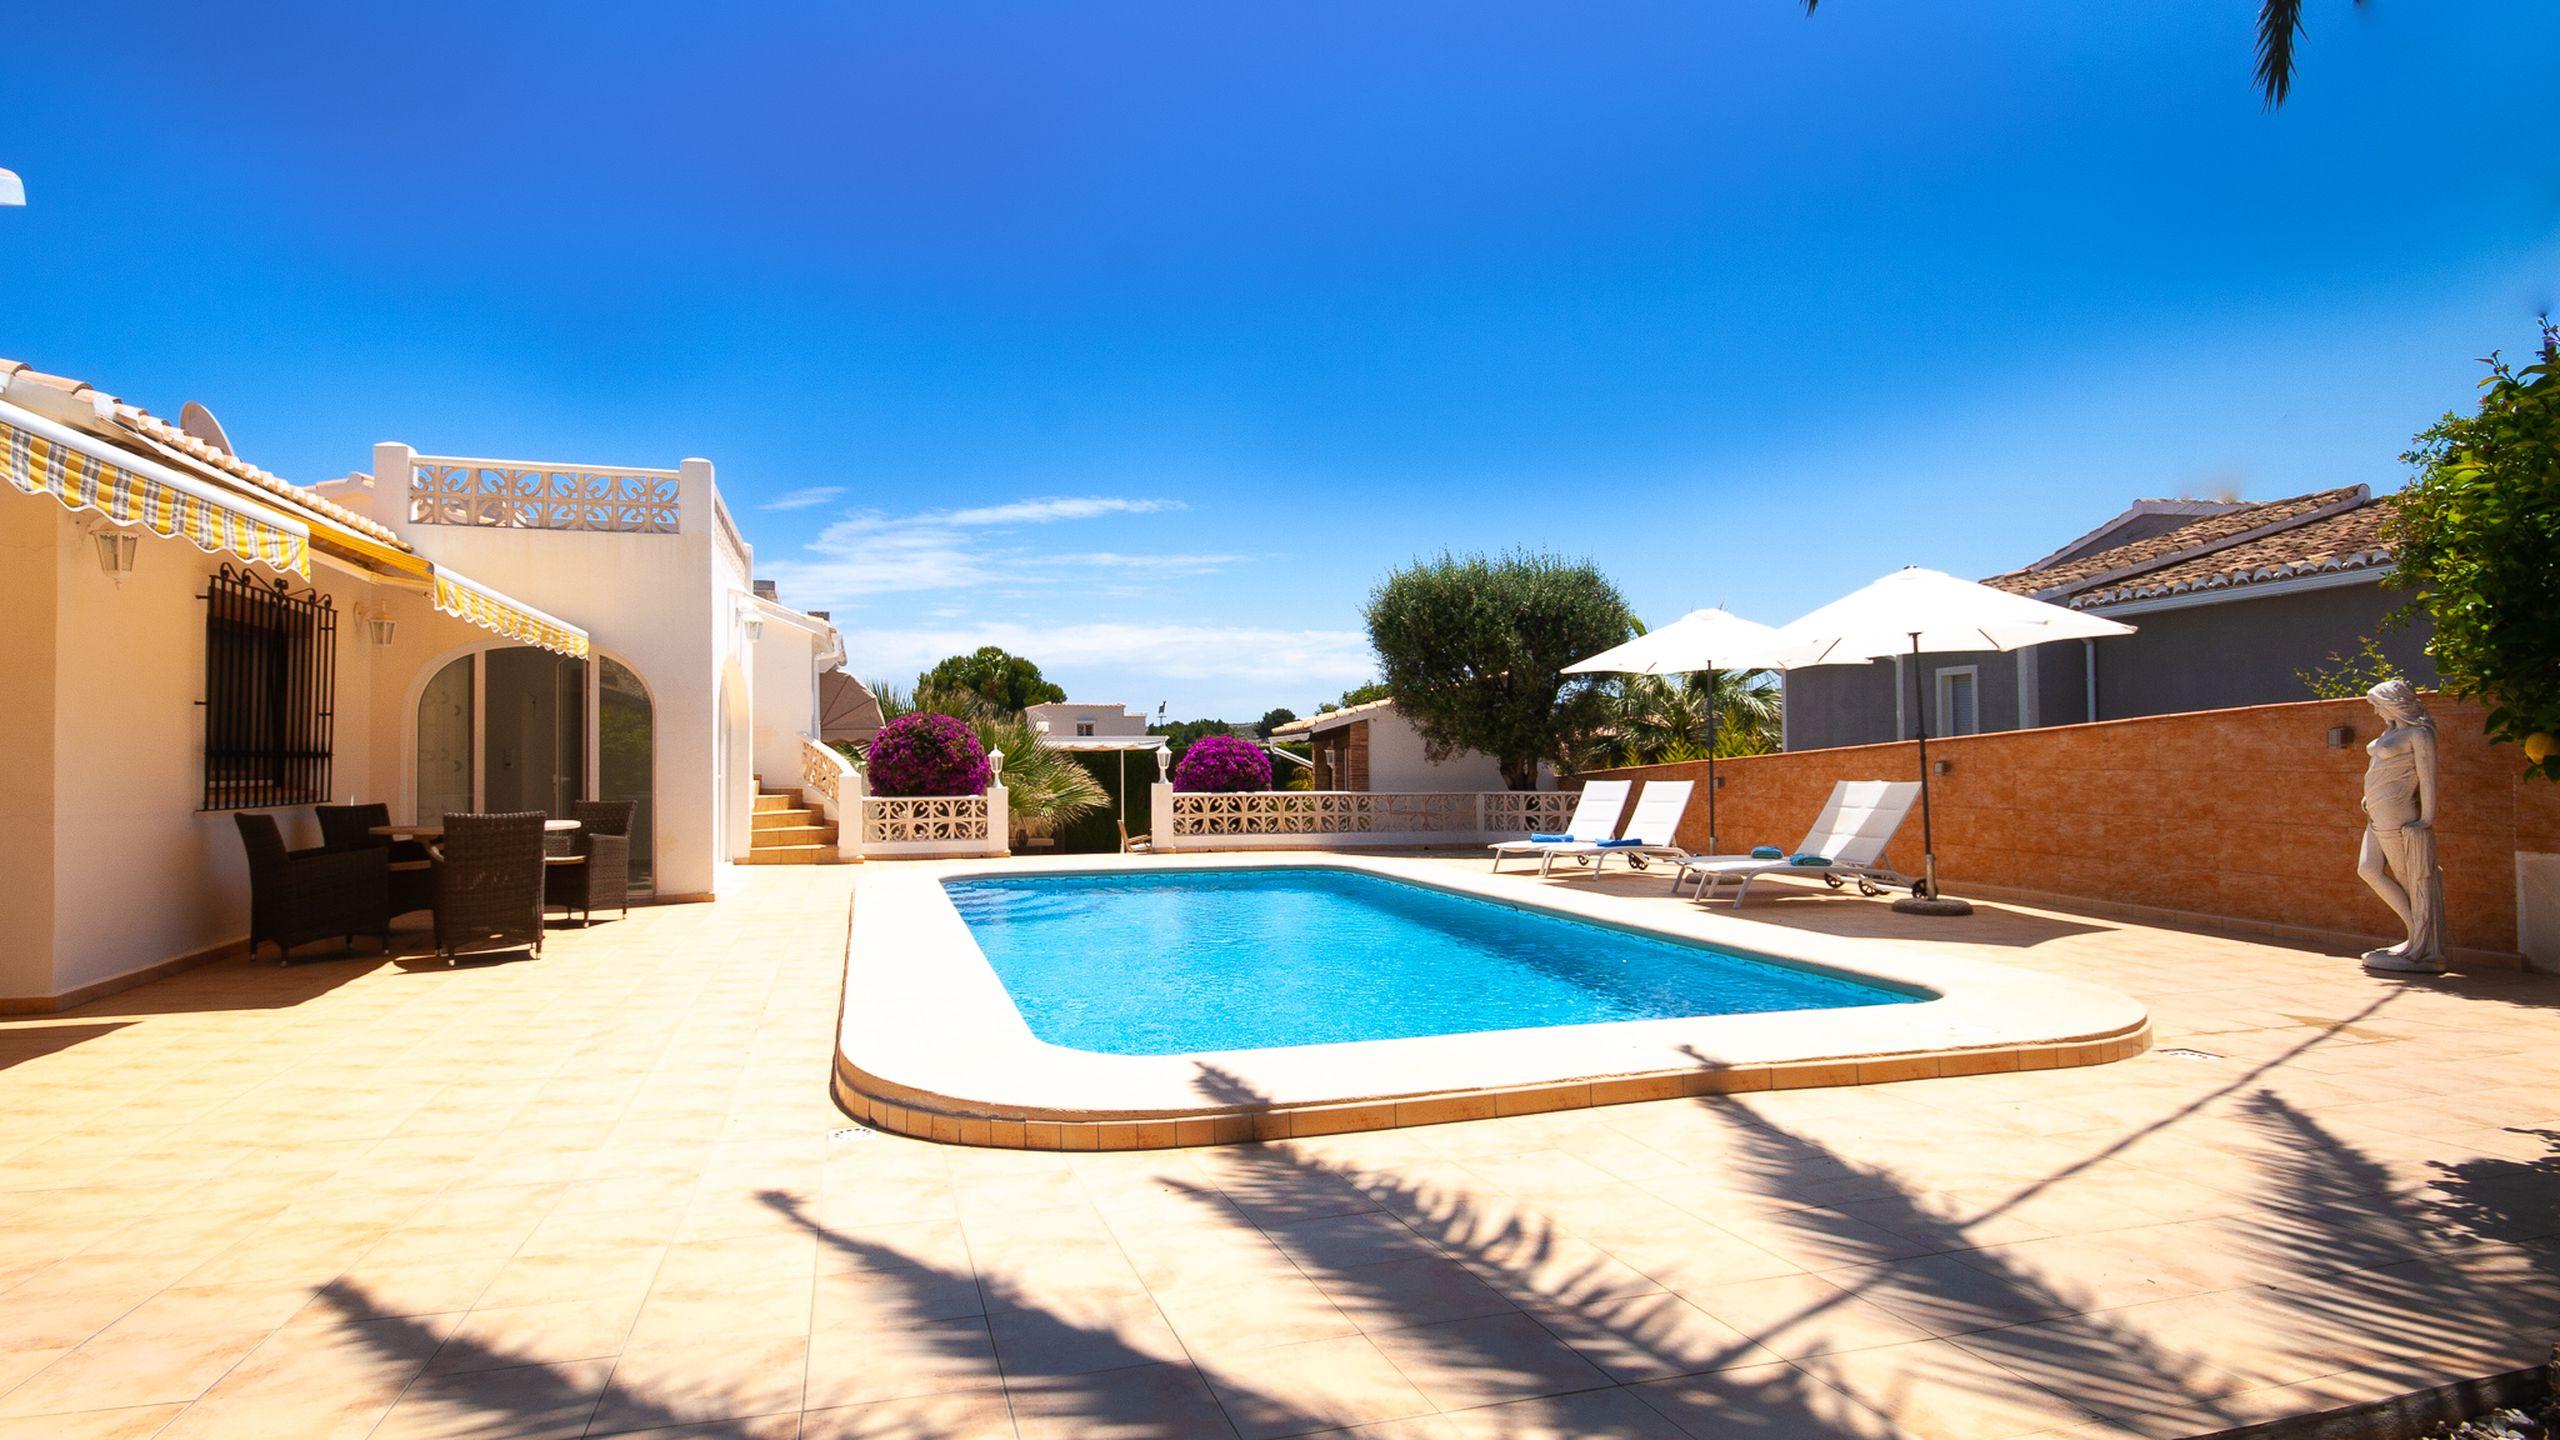 Ferienhaus mit Pool in Denia